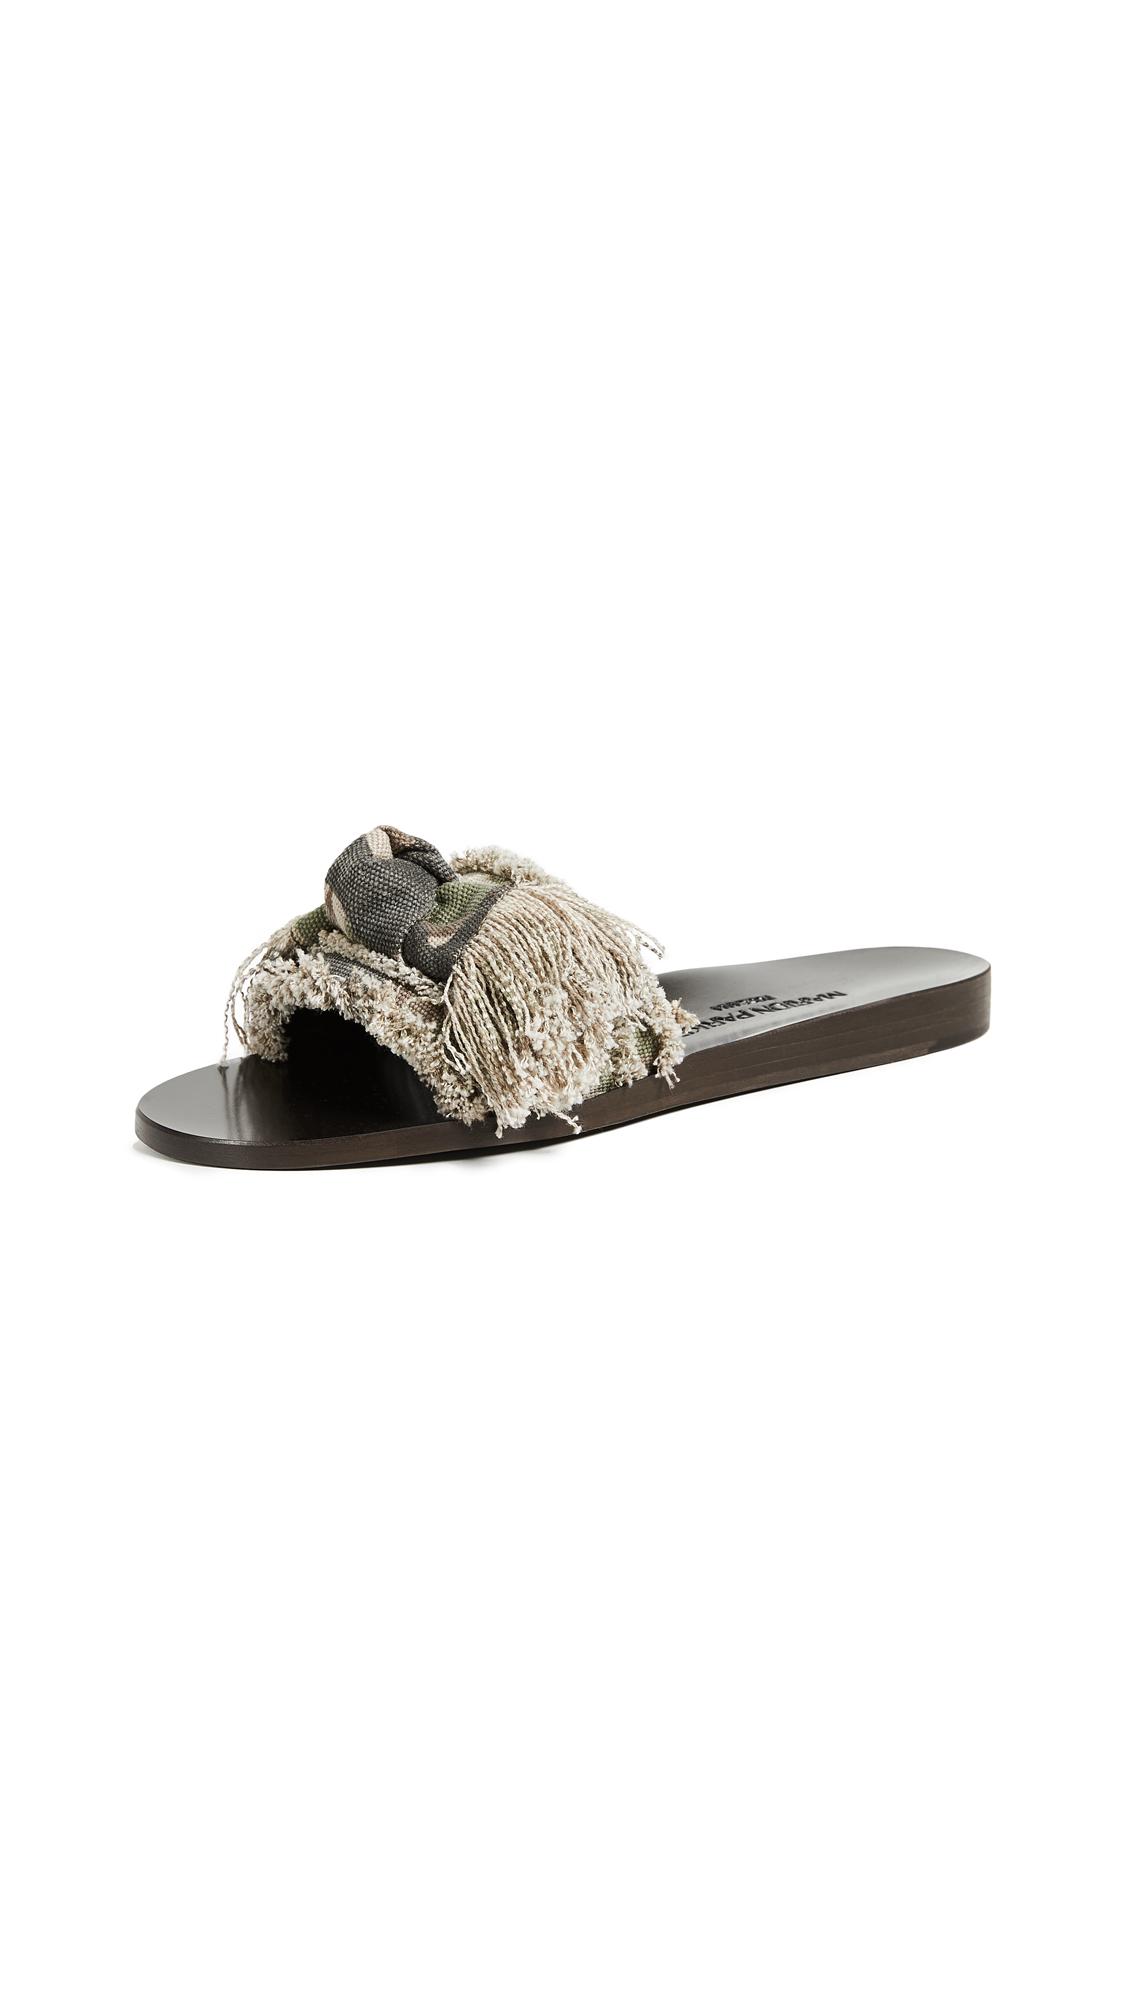 Marion Parke Jordan Slides - Camoflage